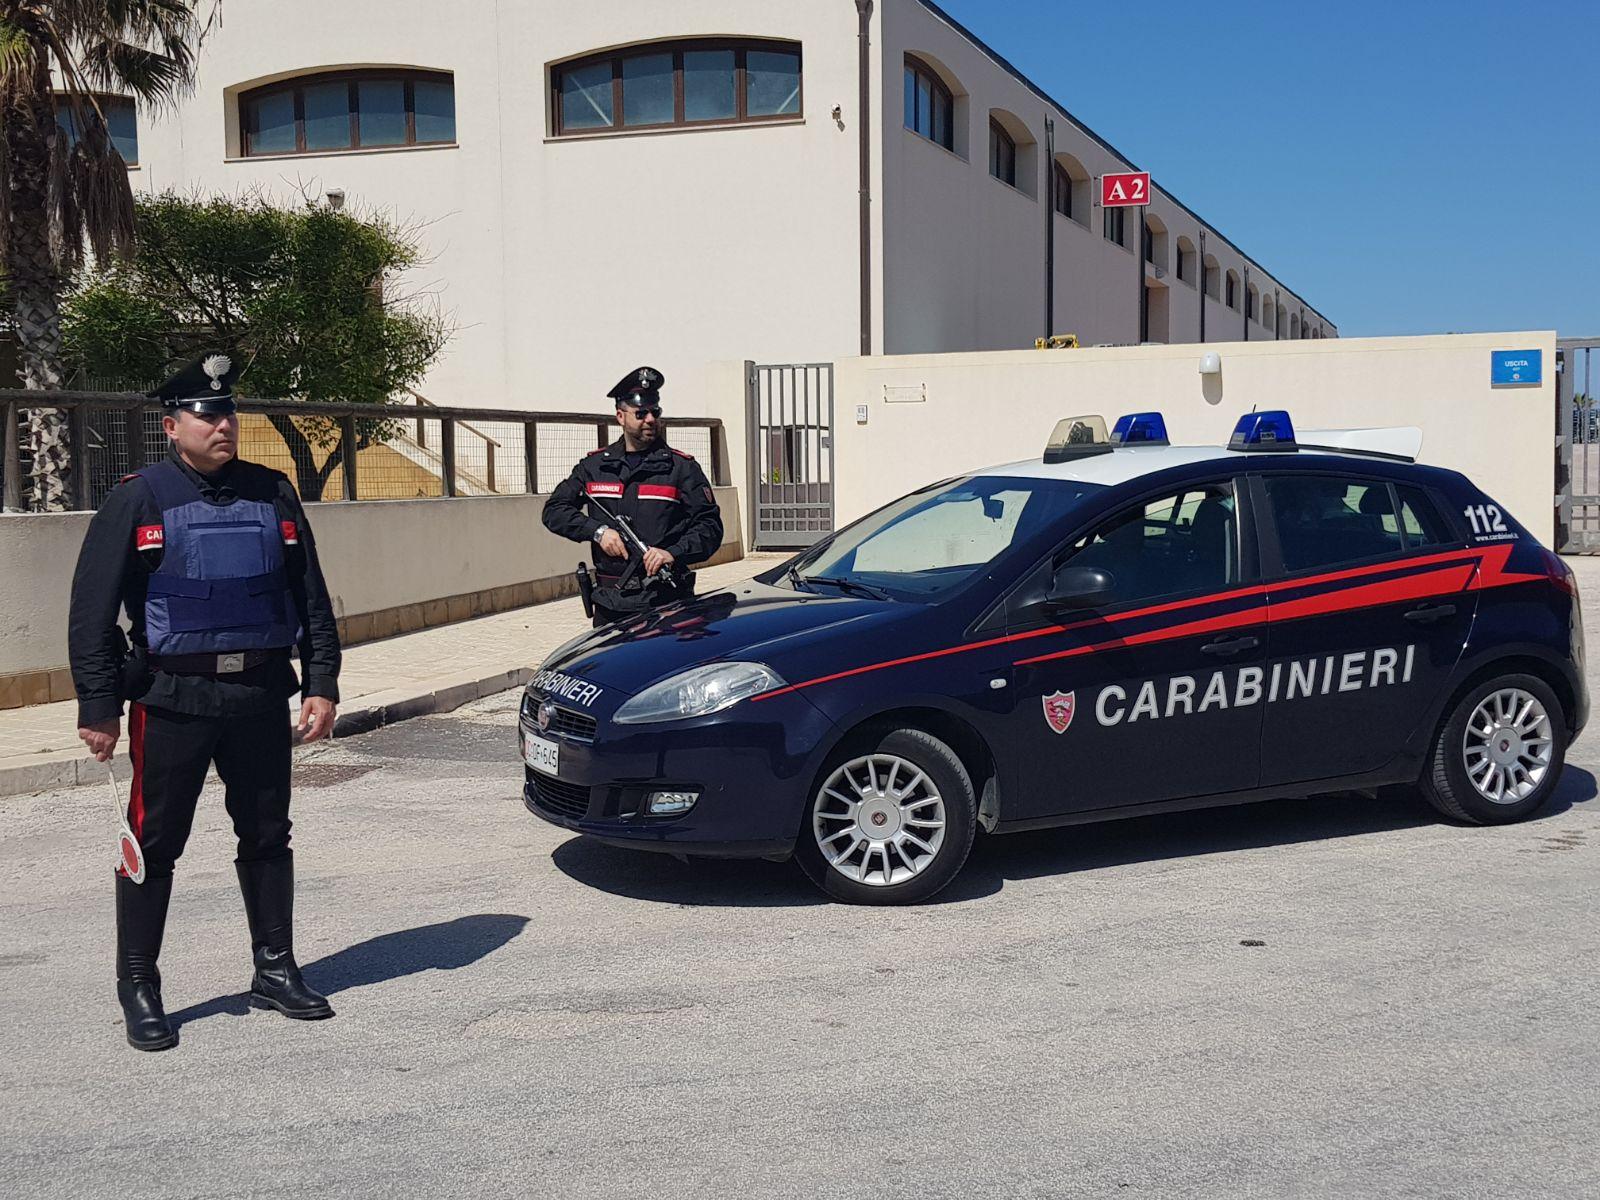 Arrestato un tunisino a Trapani: aveva aggredito e rapinato un connazionale